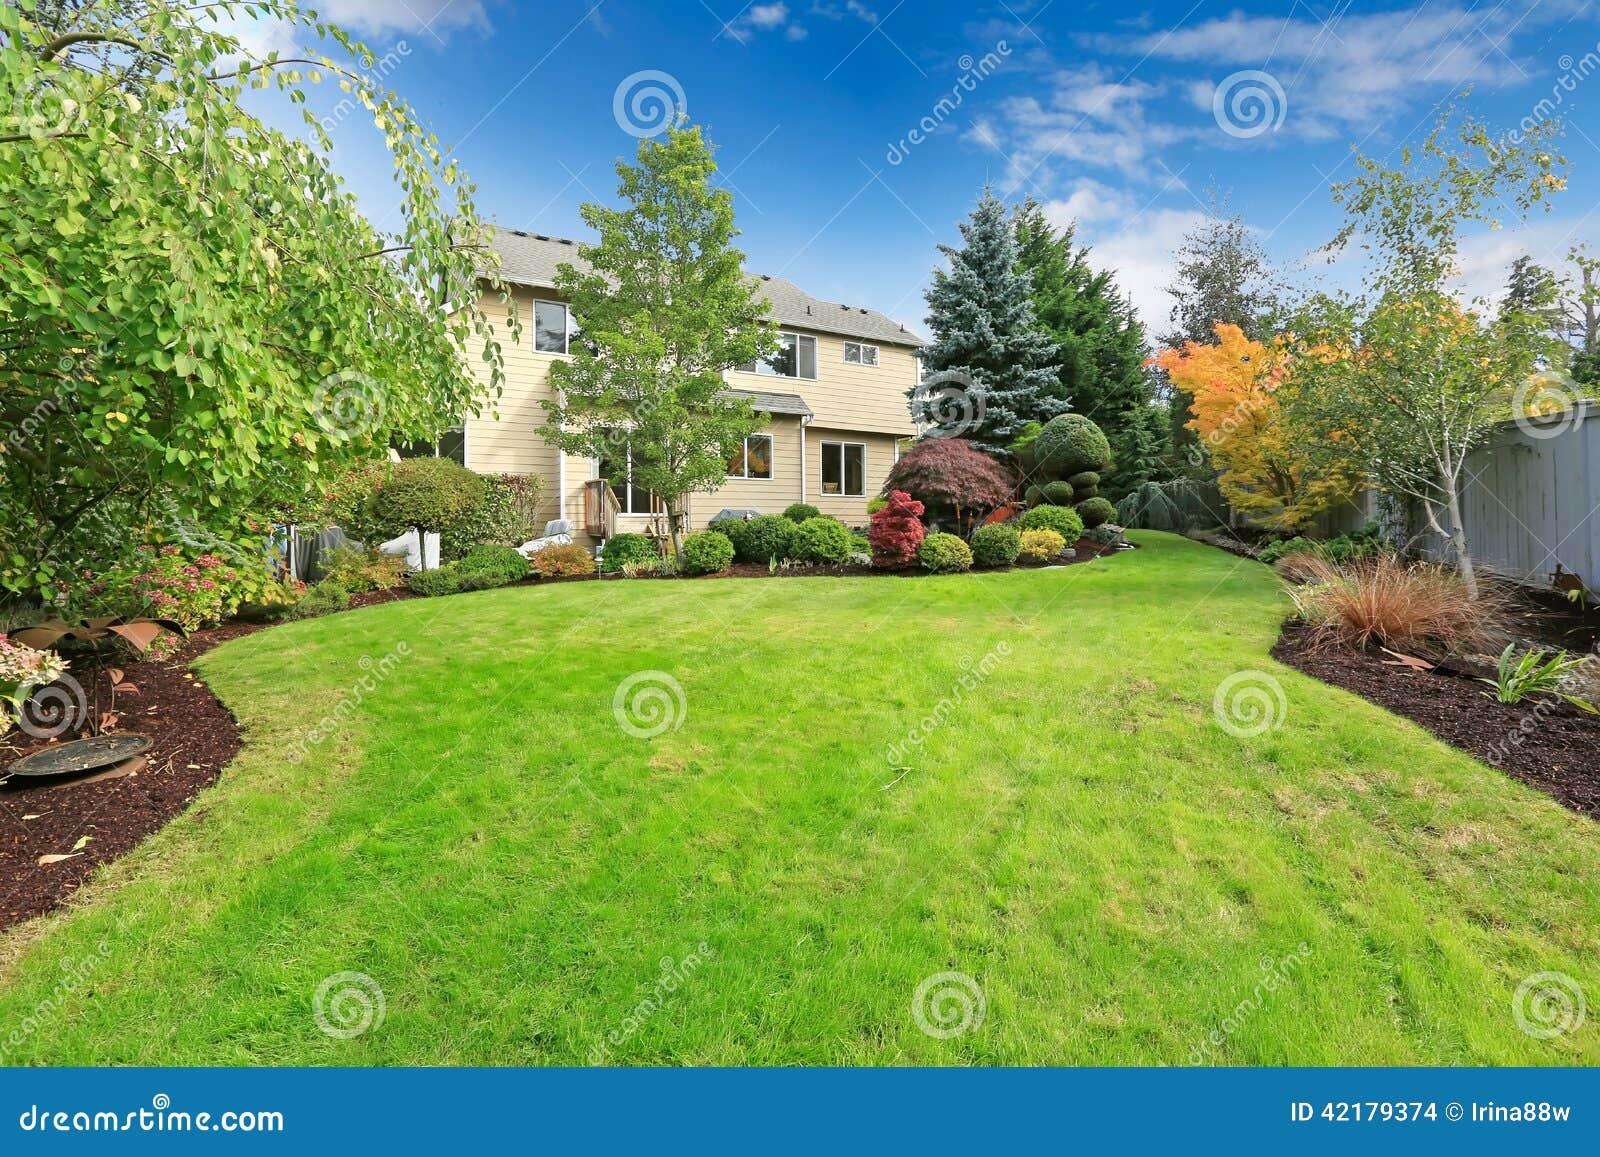 jardim quintal grande:Casa Com O Jardim E Gramado Tropicais Do Quintal Foto de Stock